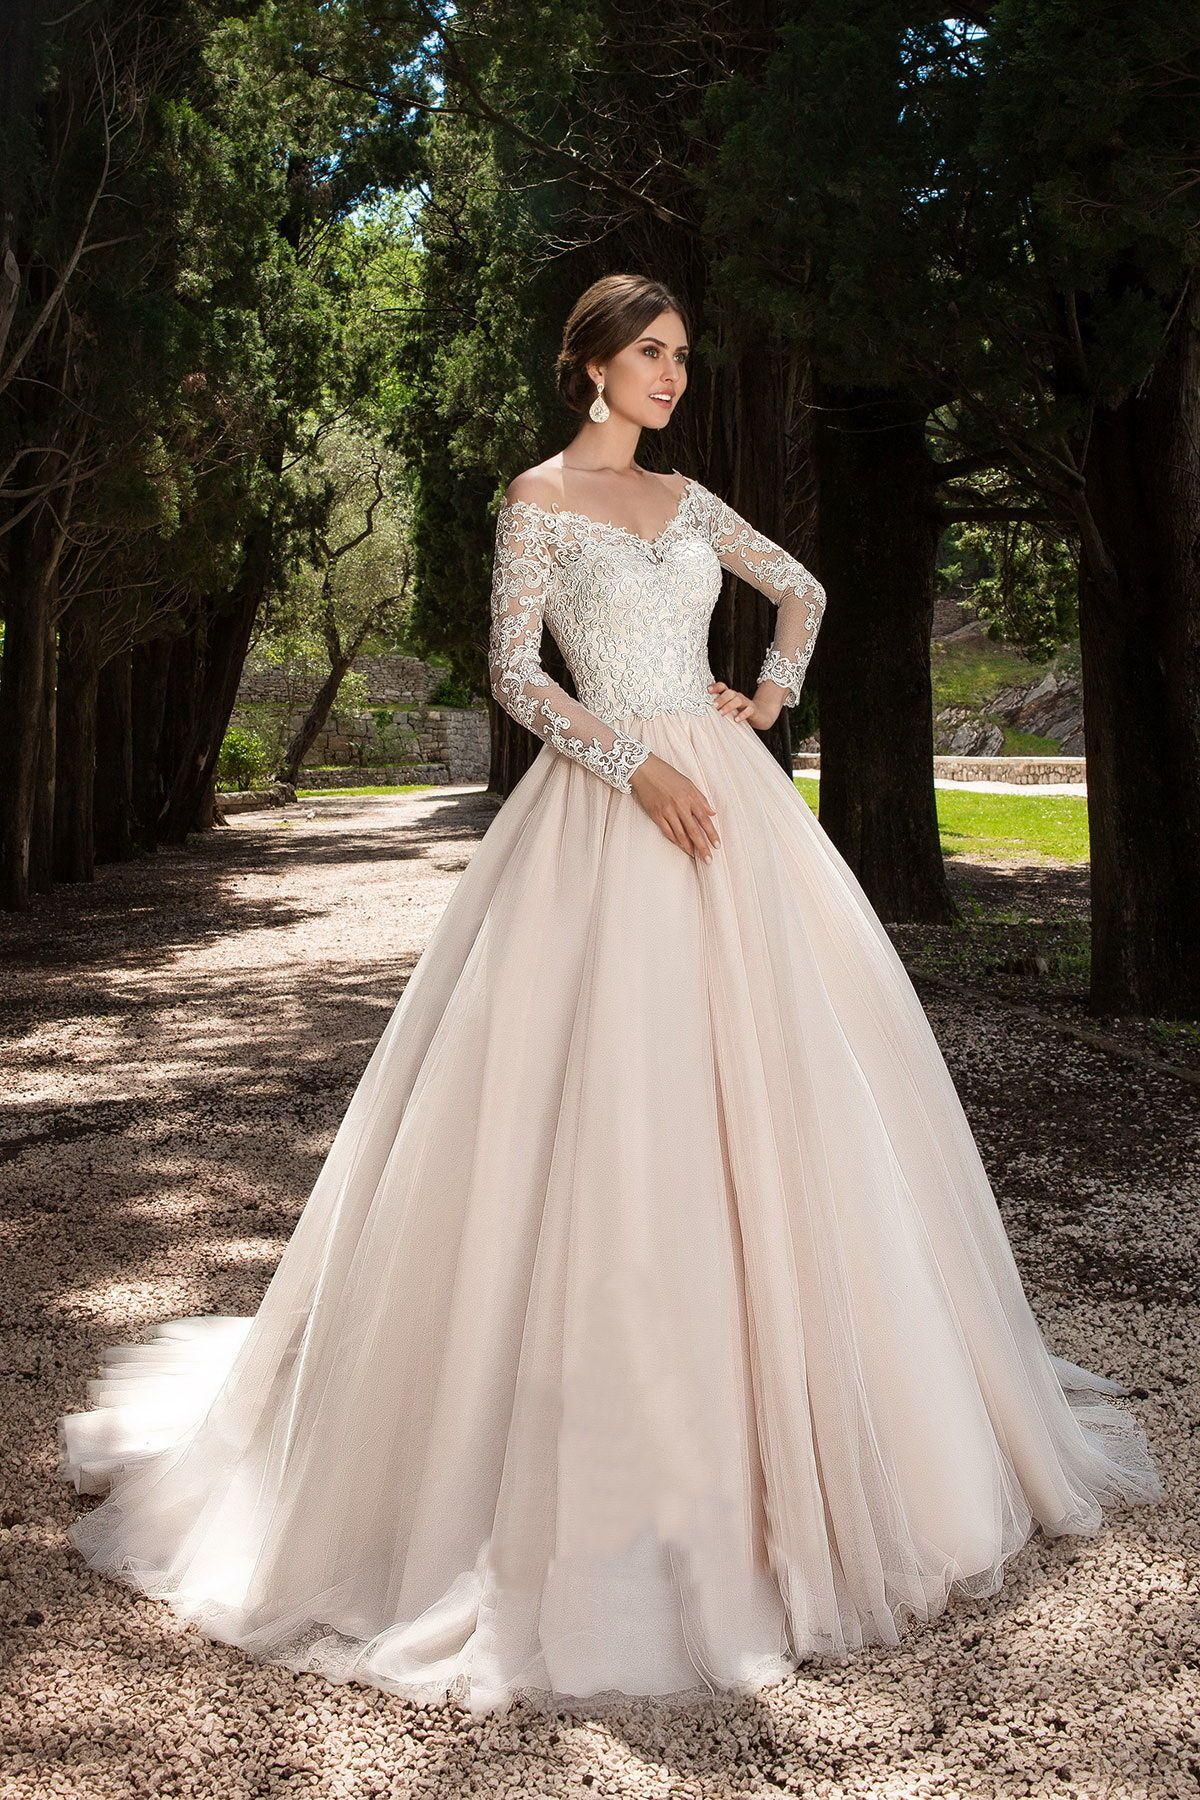 b80d0f12cccedd5 nice Красивые свадебные платья (50 фото) — Модные тенденции, новинки 2017